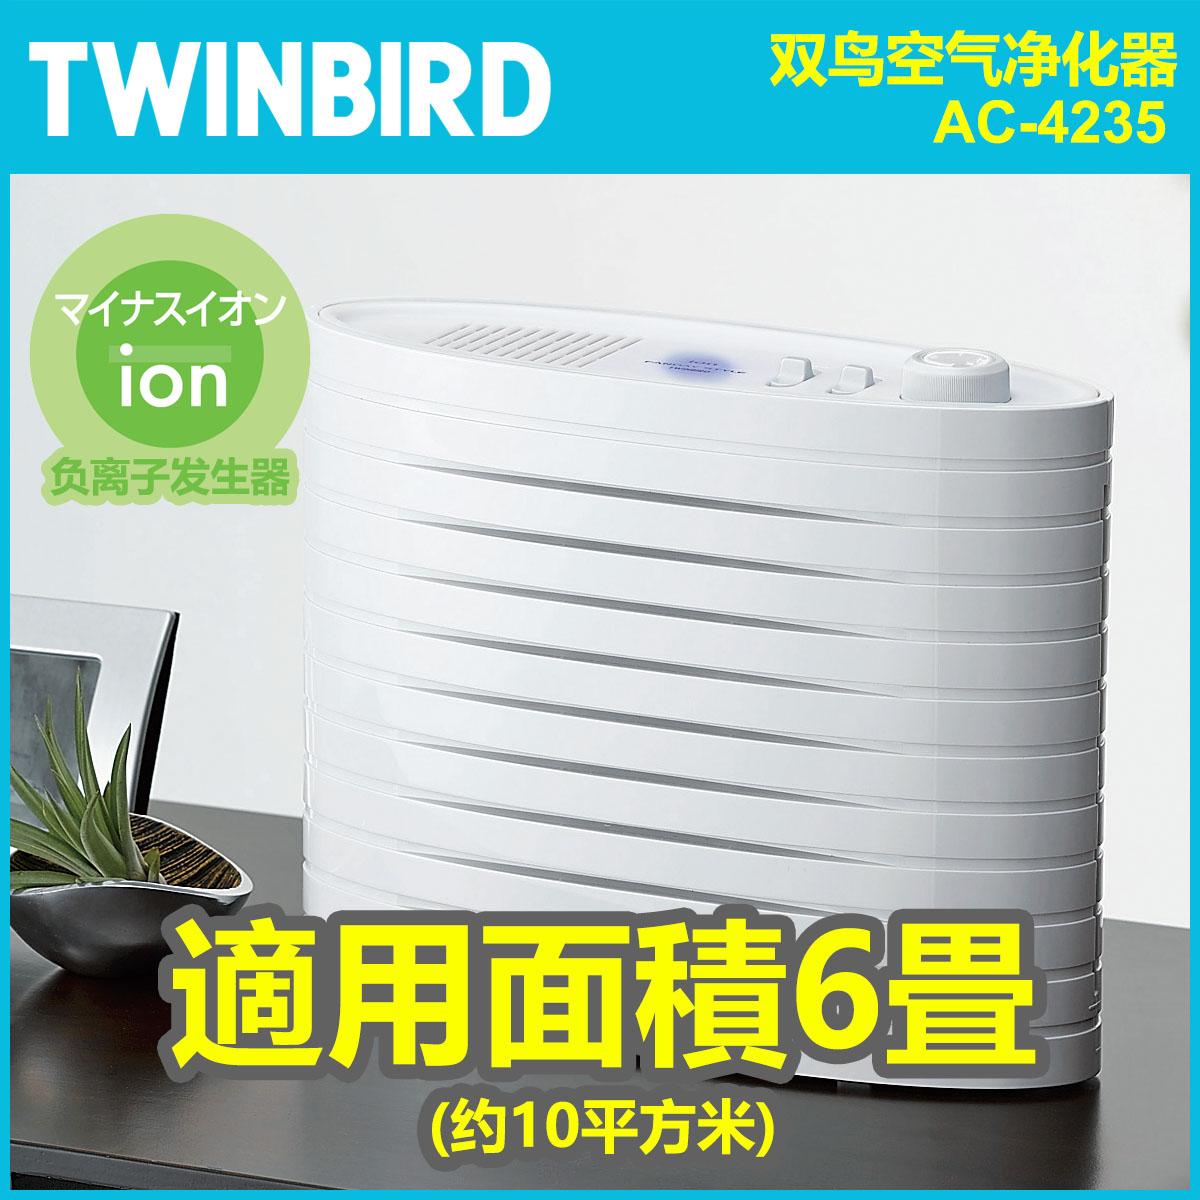 日本双鸟家用桌面小型空气净化器除甲醛负离子除烟味除尘AC-4235